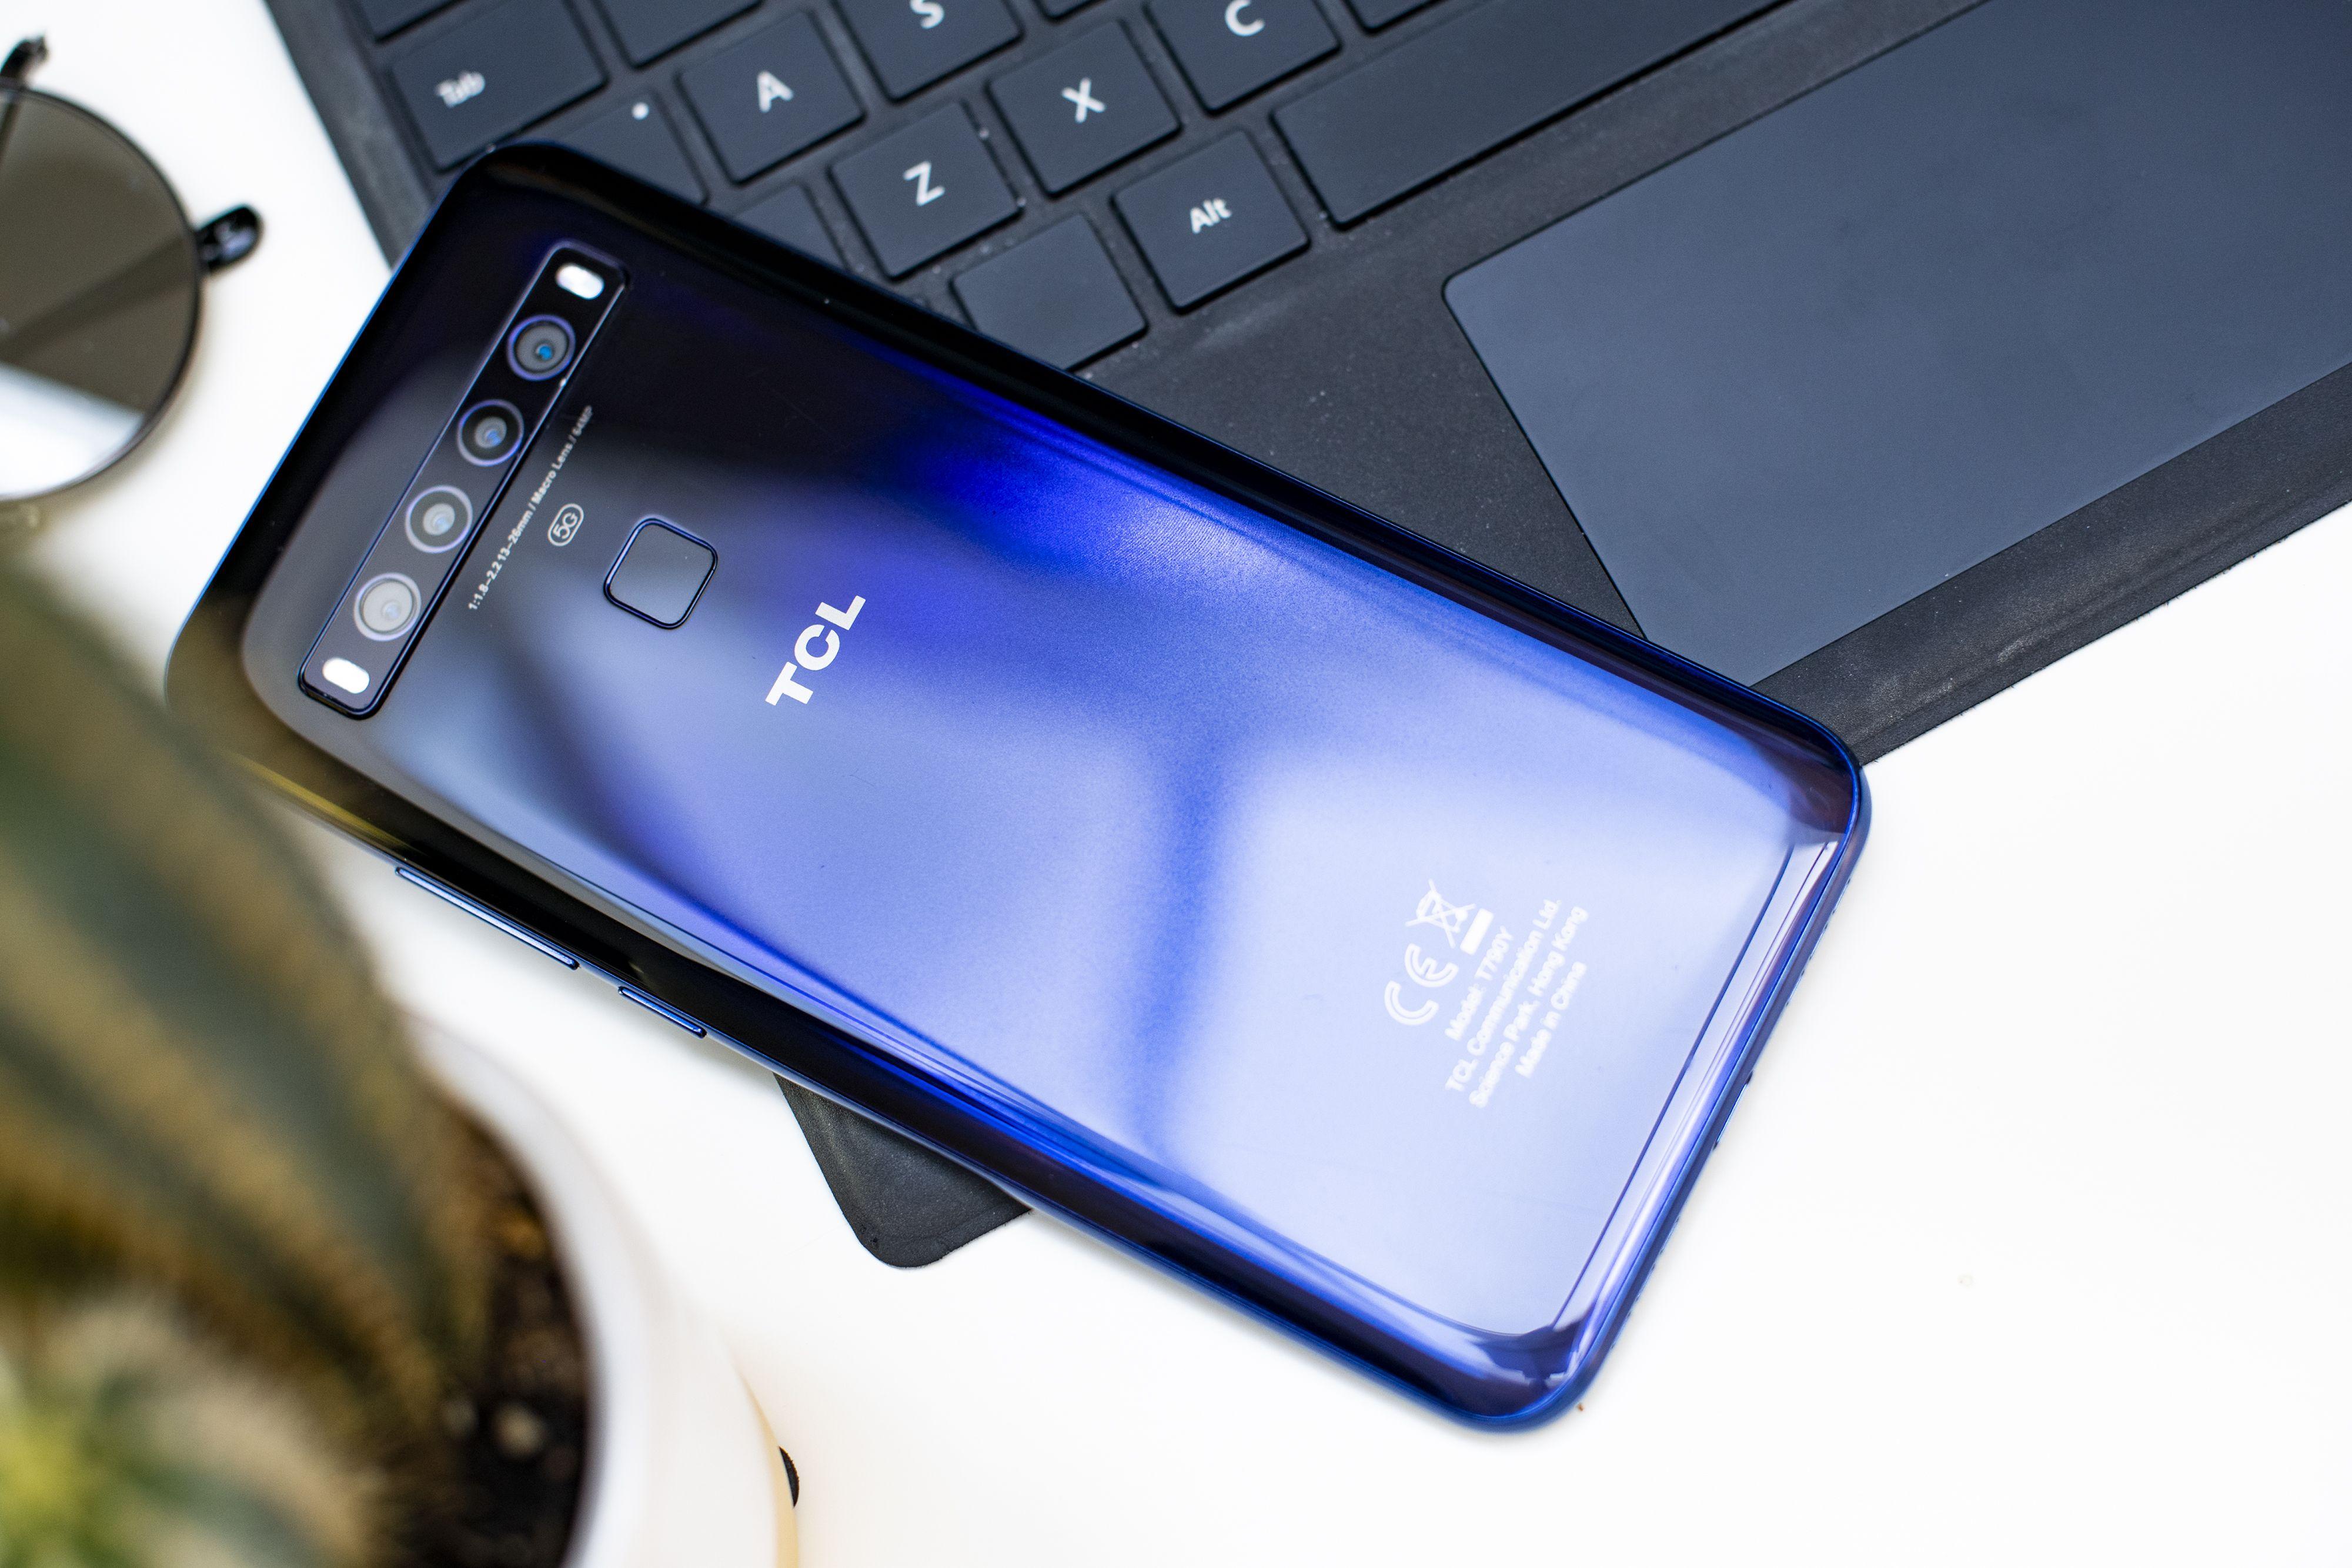 TCL 10 5GがAmazon.co.jpで販売開始、Snapdragon 765G 5Gを搭載し3万円台に